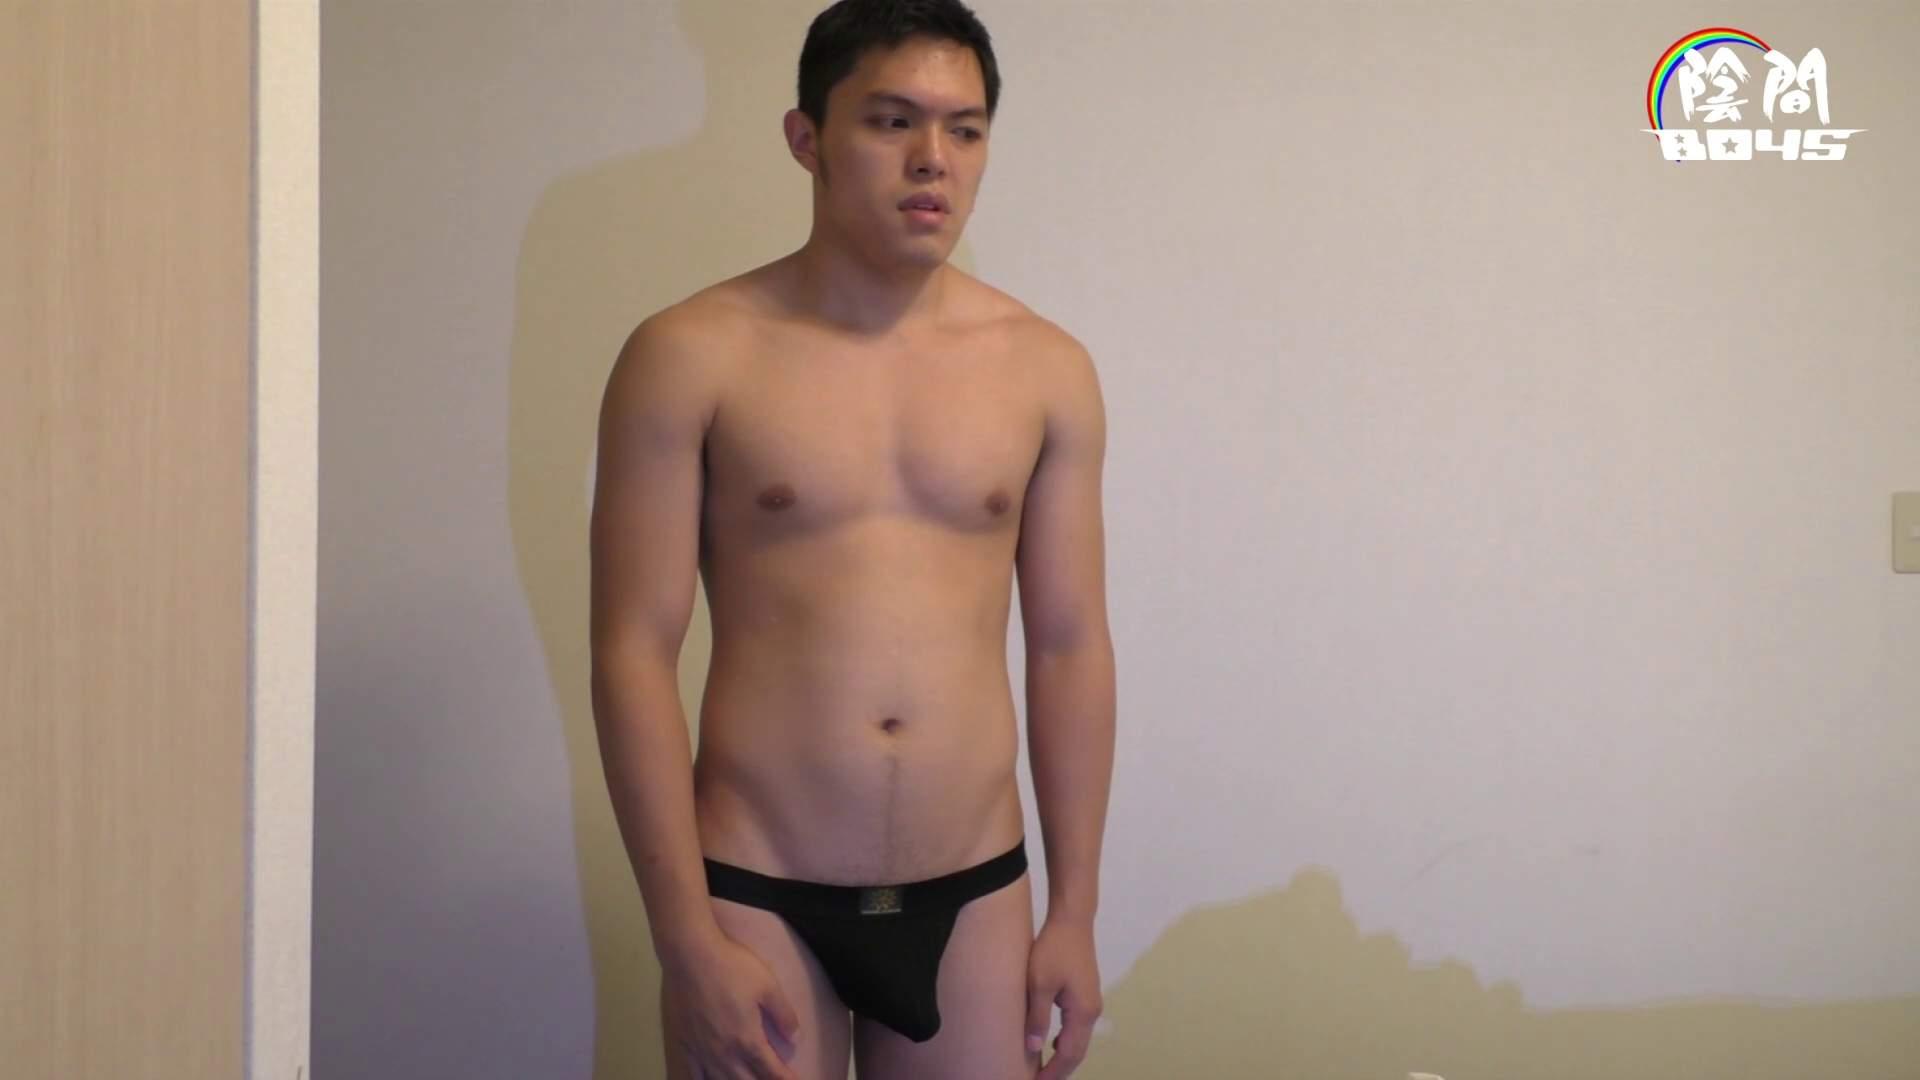 アナルで営業ワン・ツー・ スリーpart2 Vol.1 無修正 ゲイ無修正ビデオ画像 101pic 17